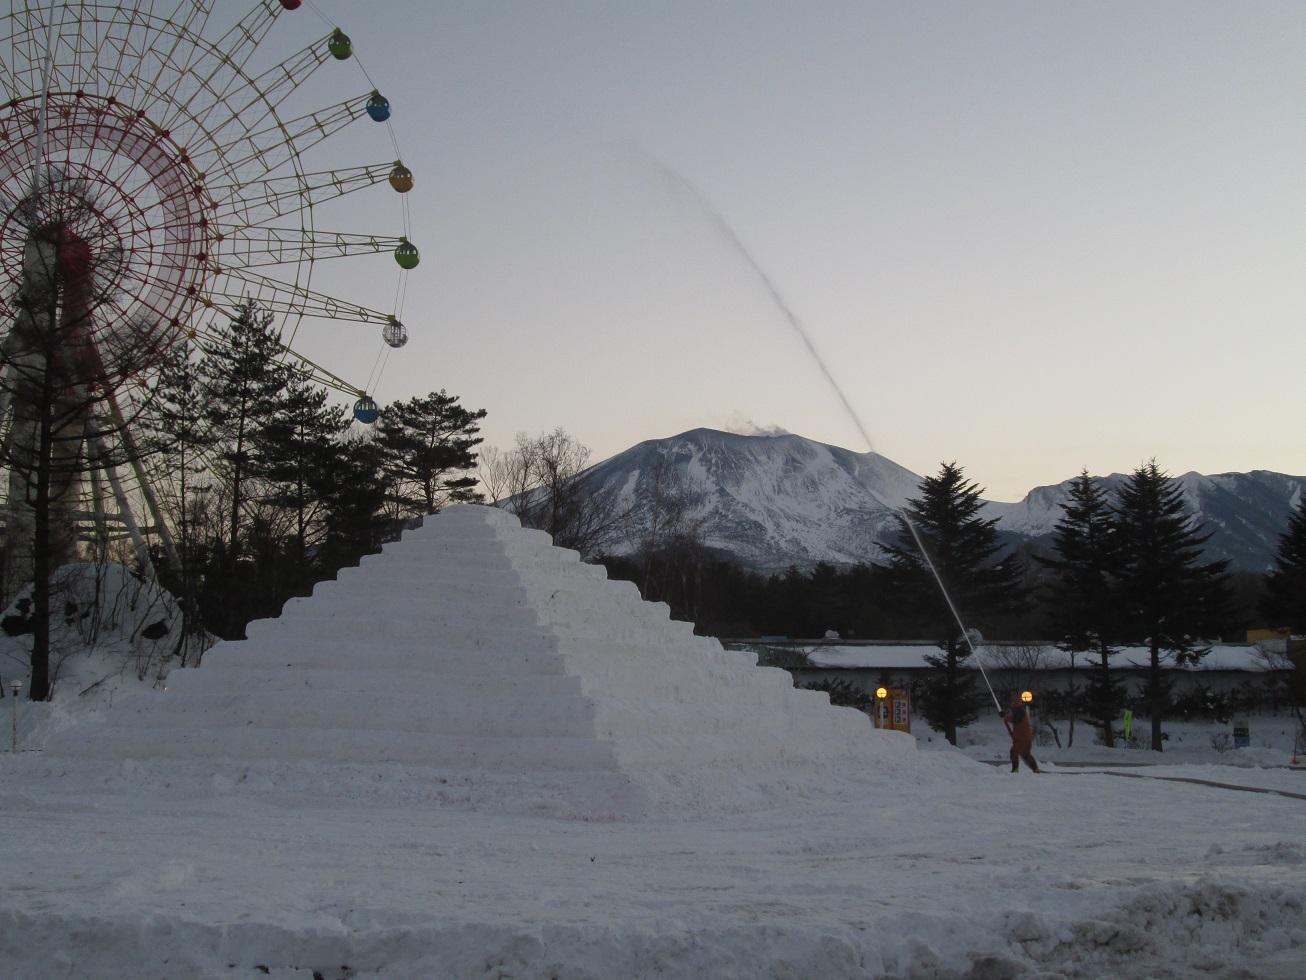 嬬恋・浅間高原ウインターフェスティバル開催前日_f0180878_20352147.jpg